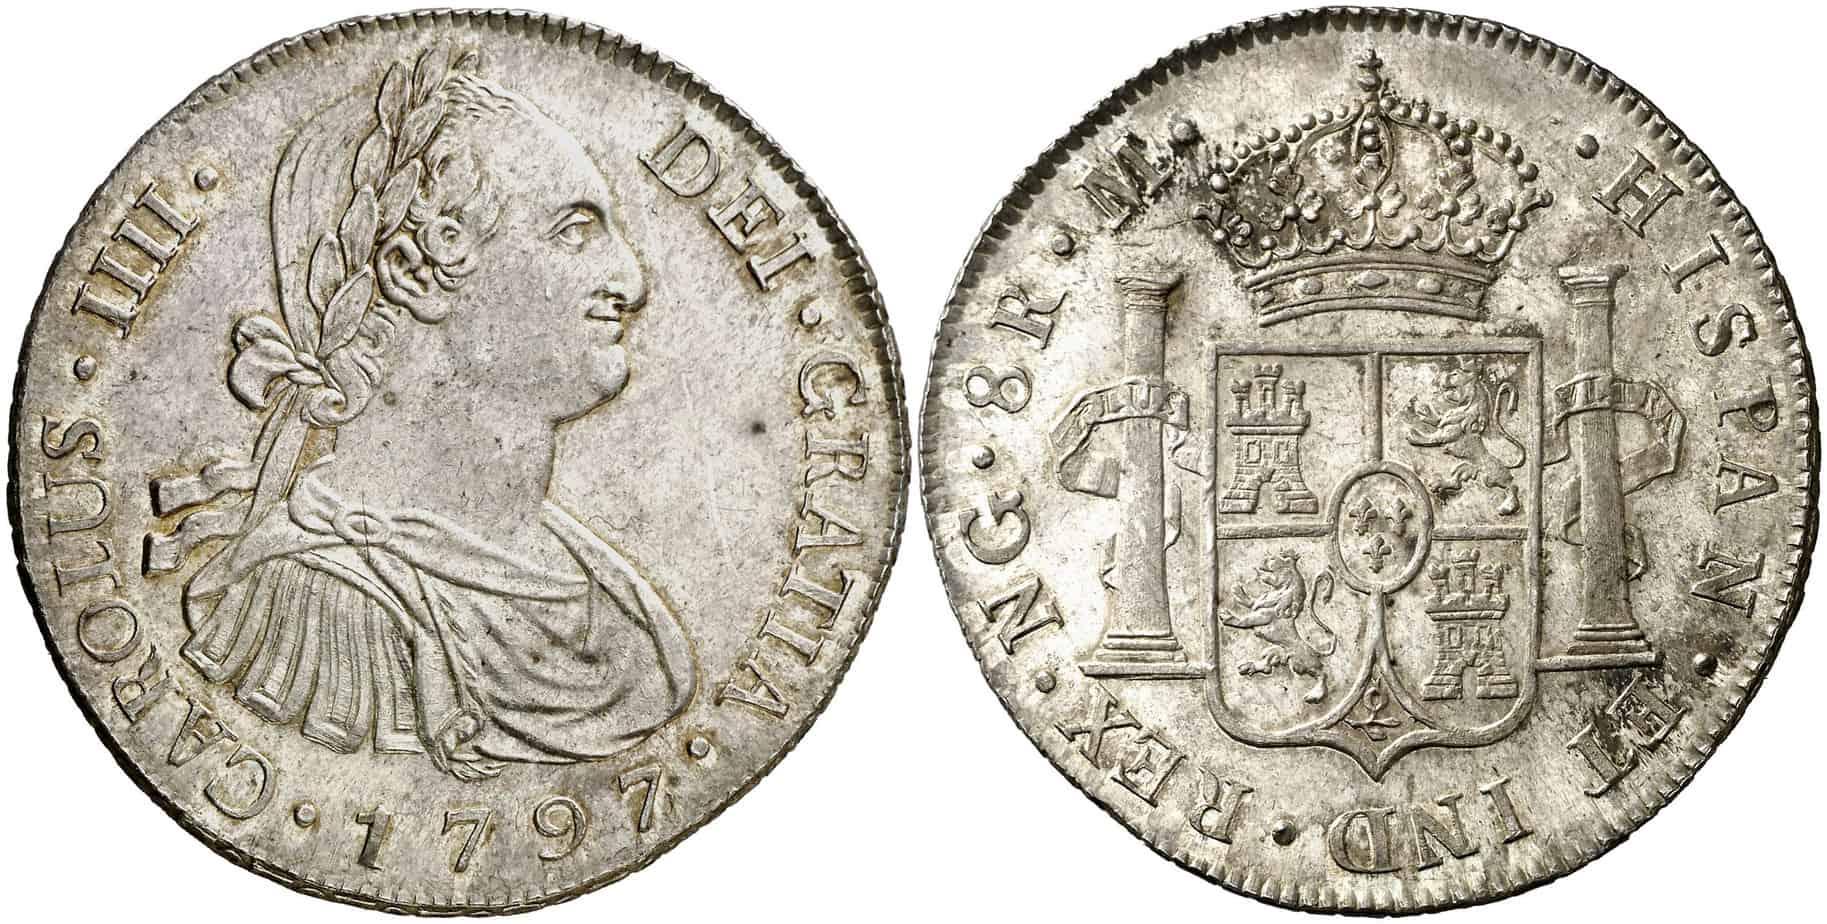 Invertir en 8 reales del Imperio Español